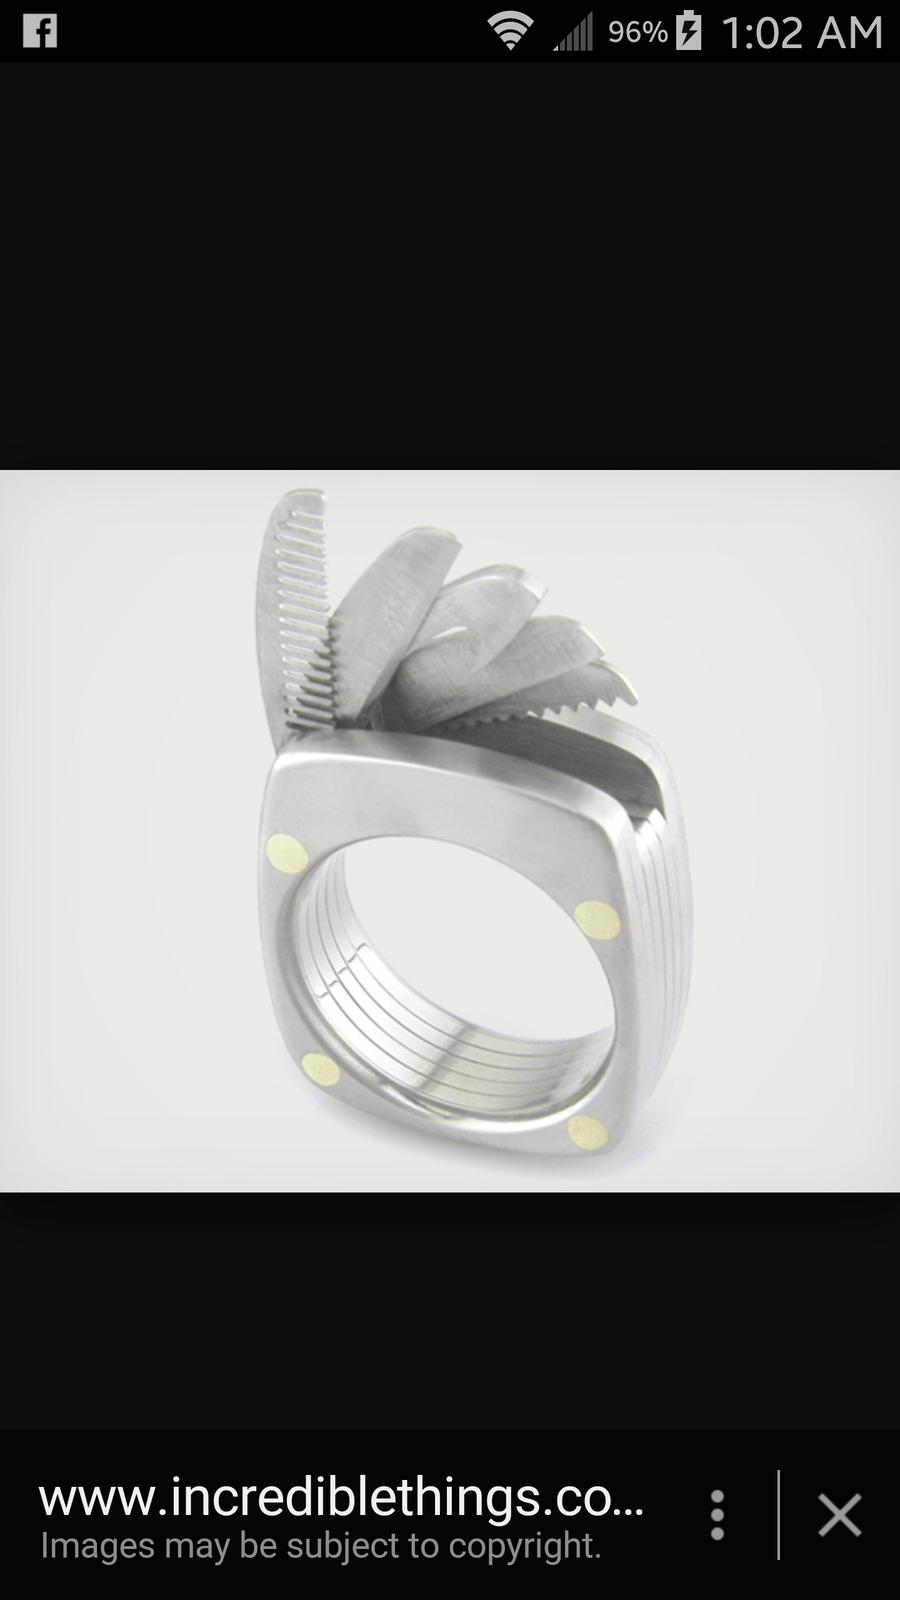 Anyone wear rings? - Screenshot_2015-06-12-01-02-06.png